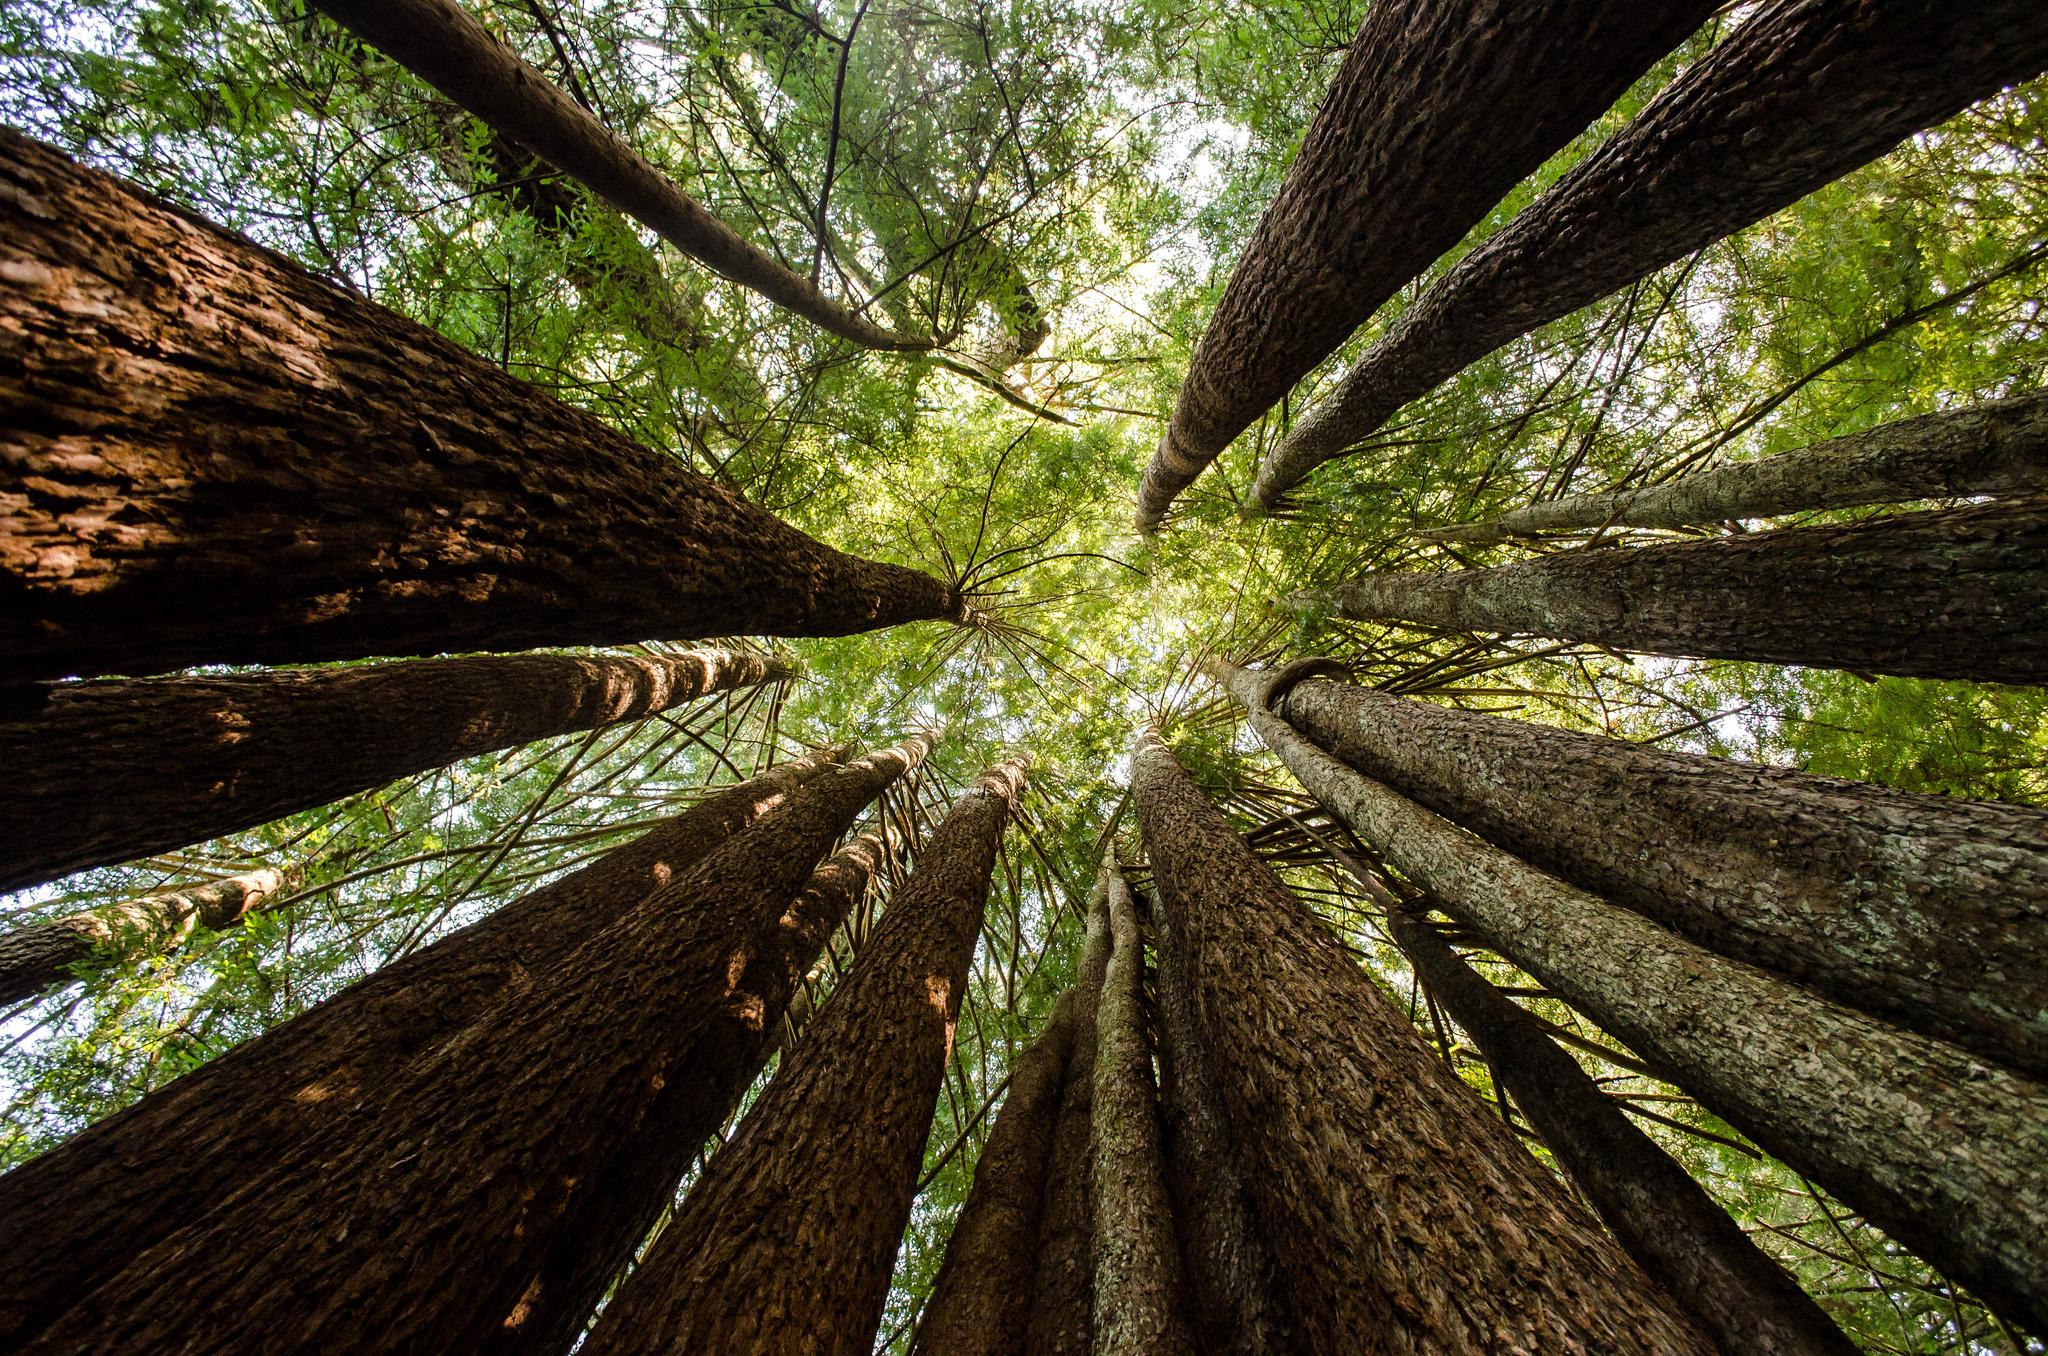 накренившееся дерево  № 990054 бесплатно